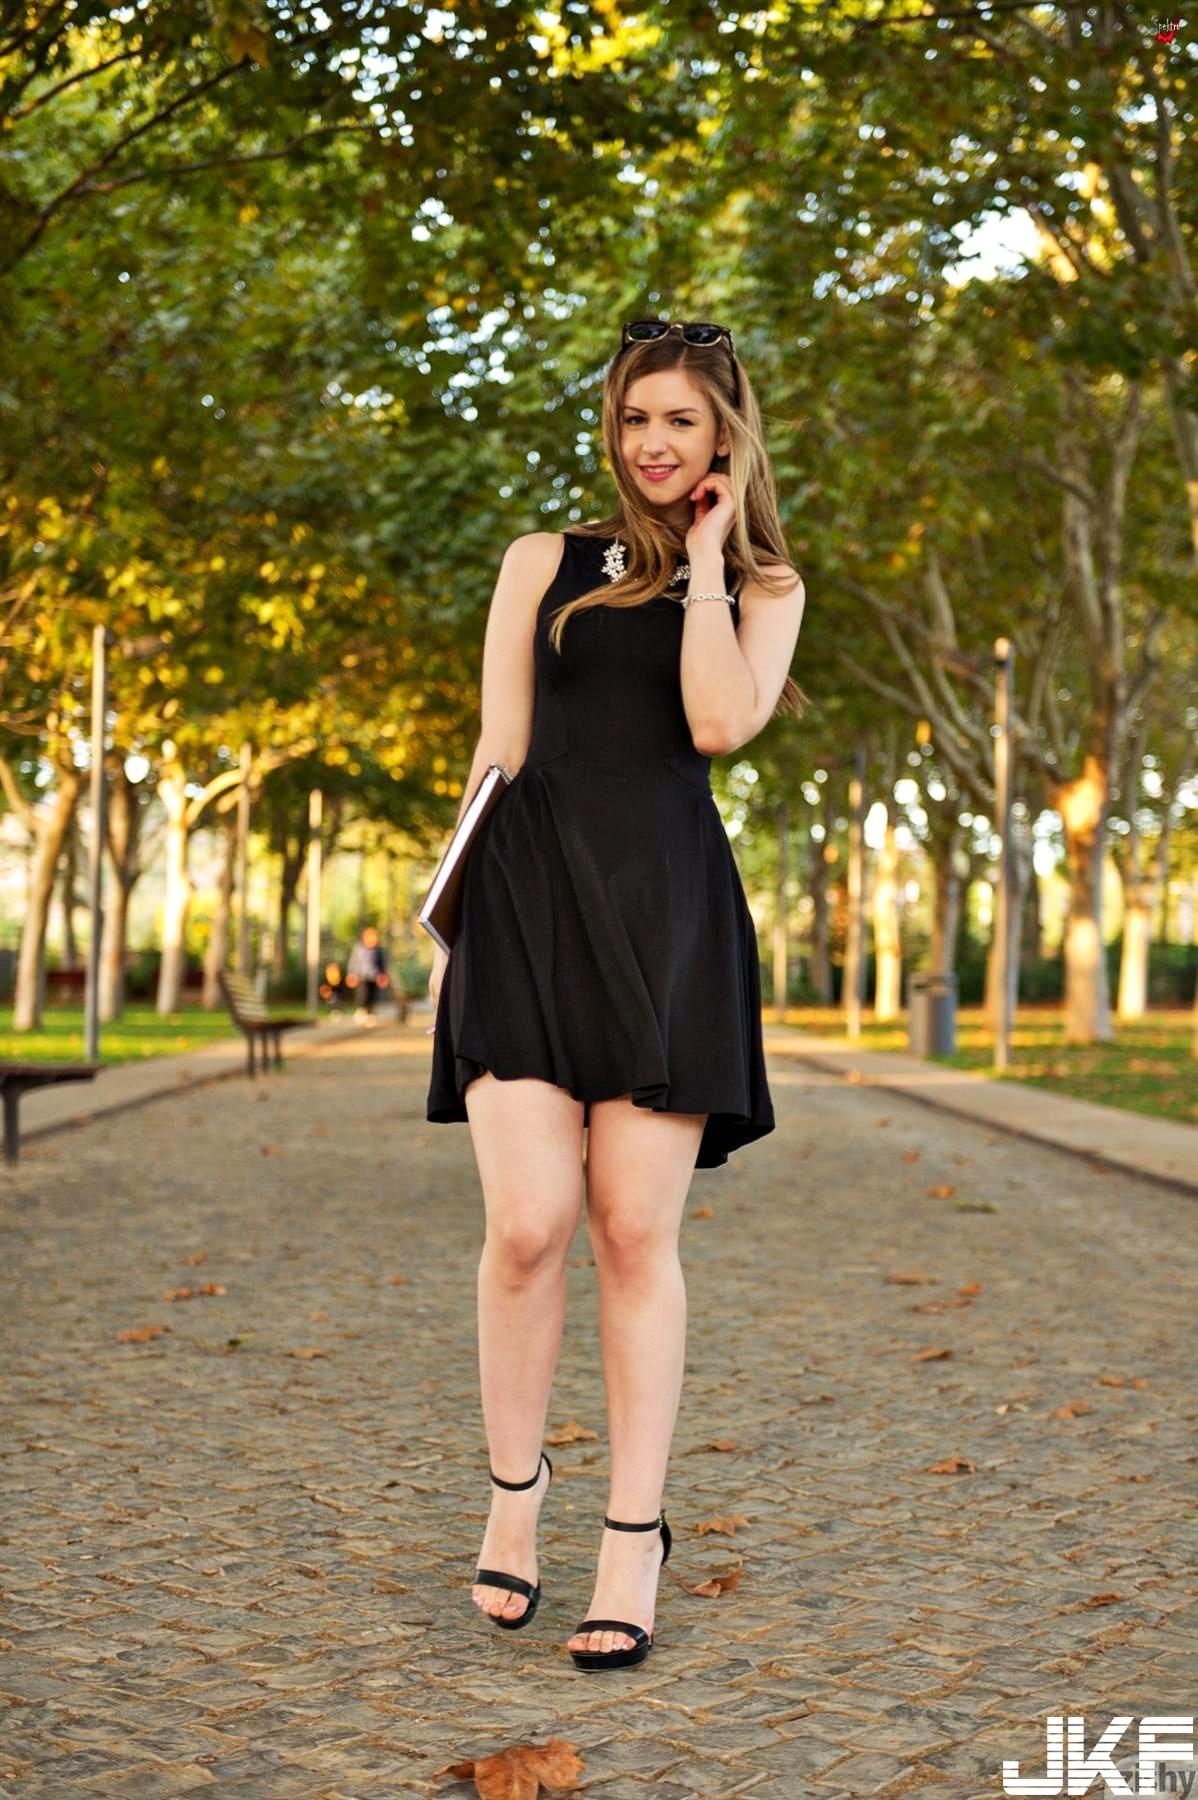 Nonnude-Babe-Stella-Cox-Wearing-Platform-High-Heels-8.jpg